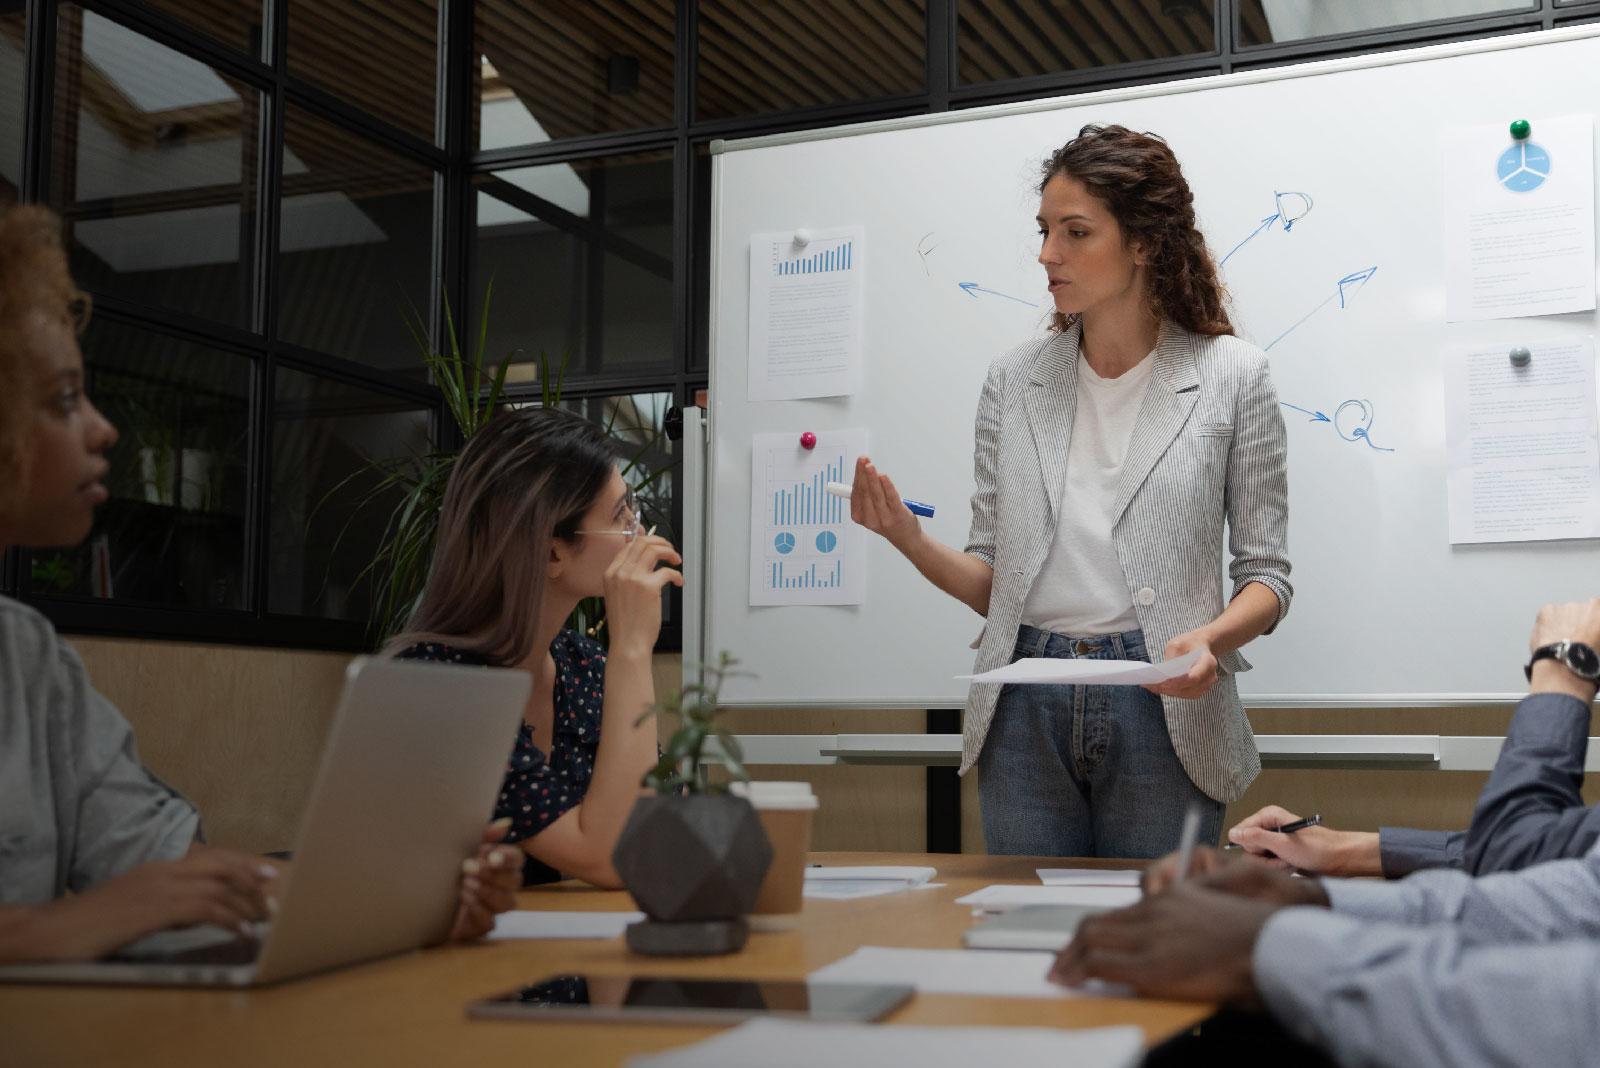 BANT: como essa metodologia é usada para qualificar vendas?